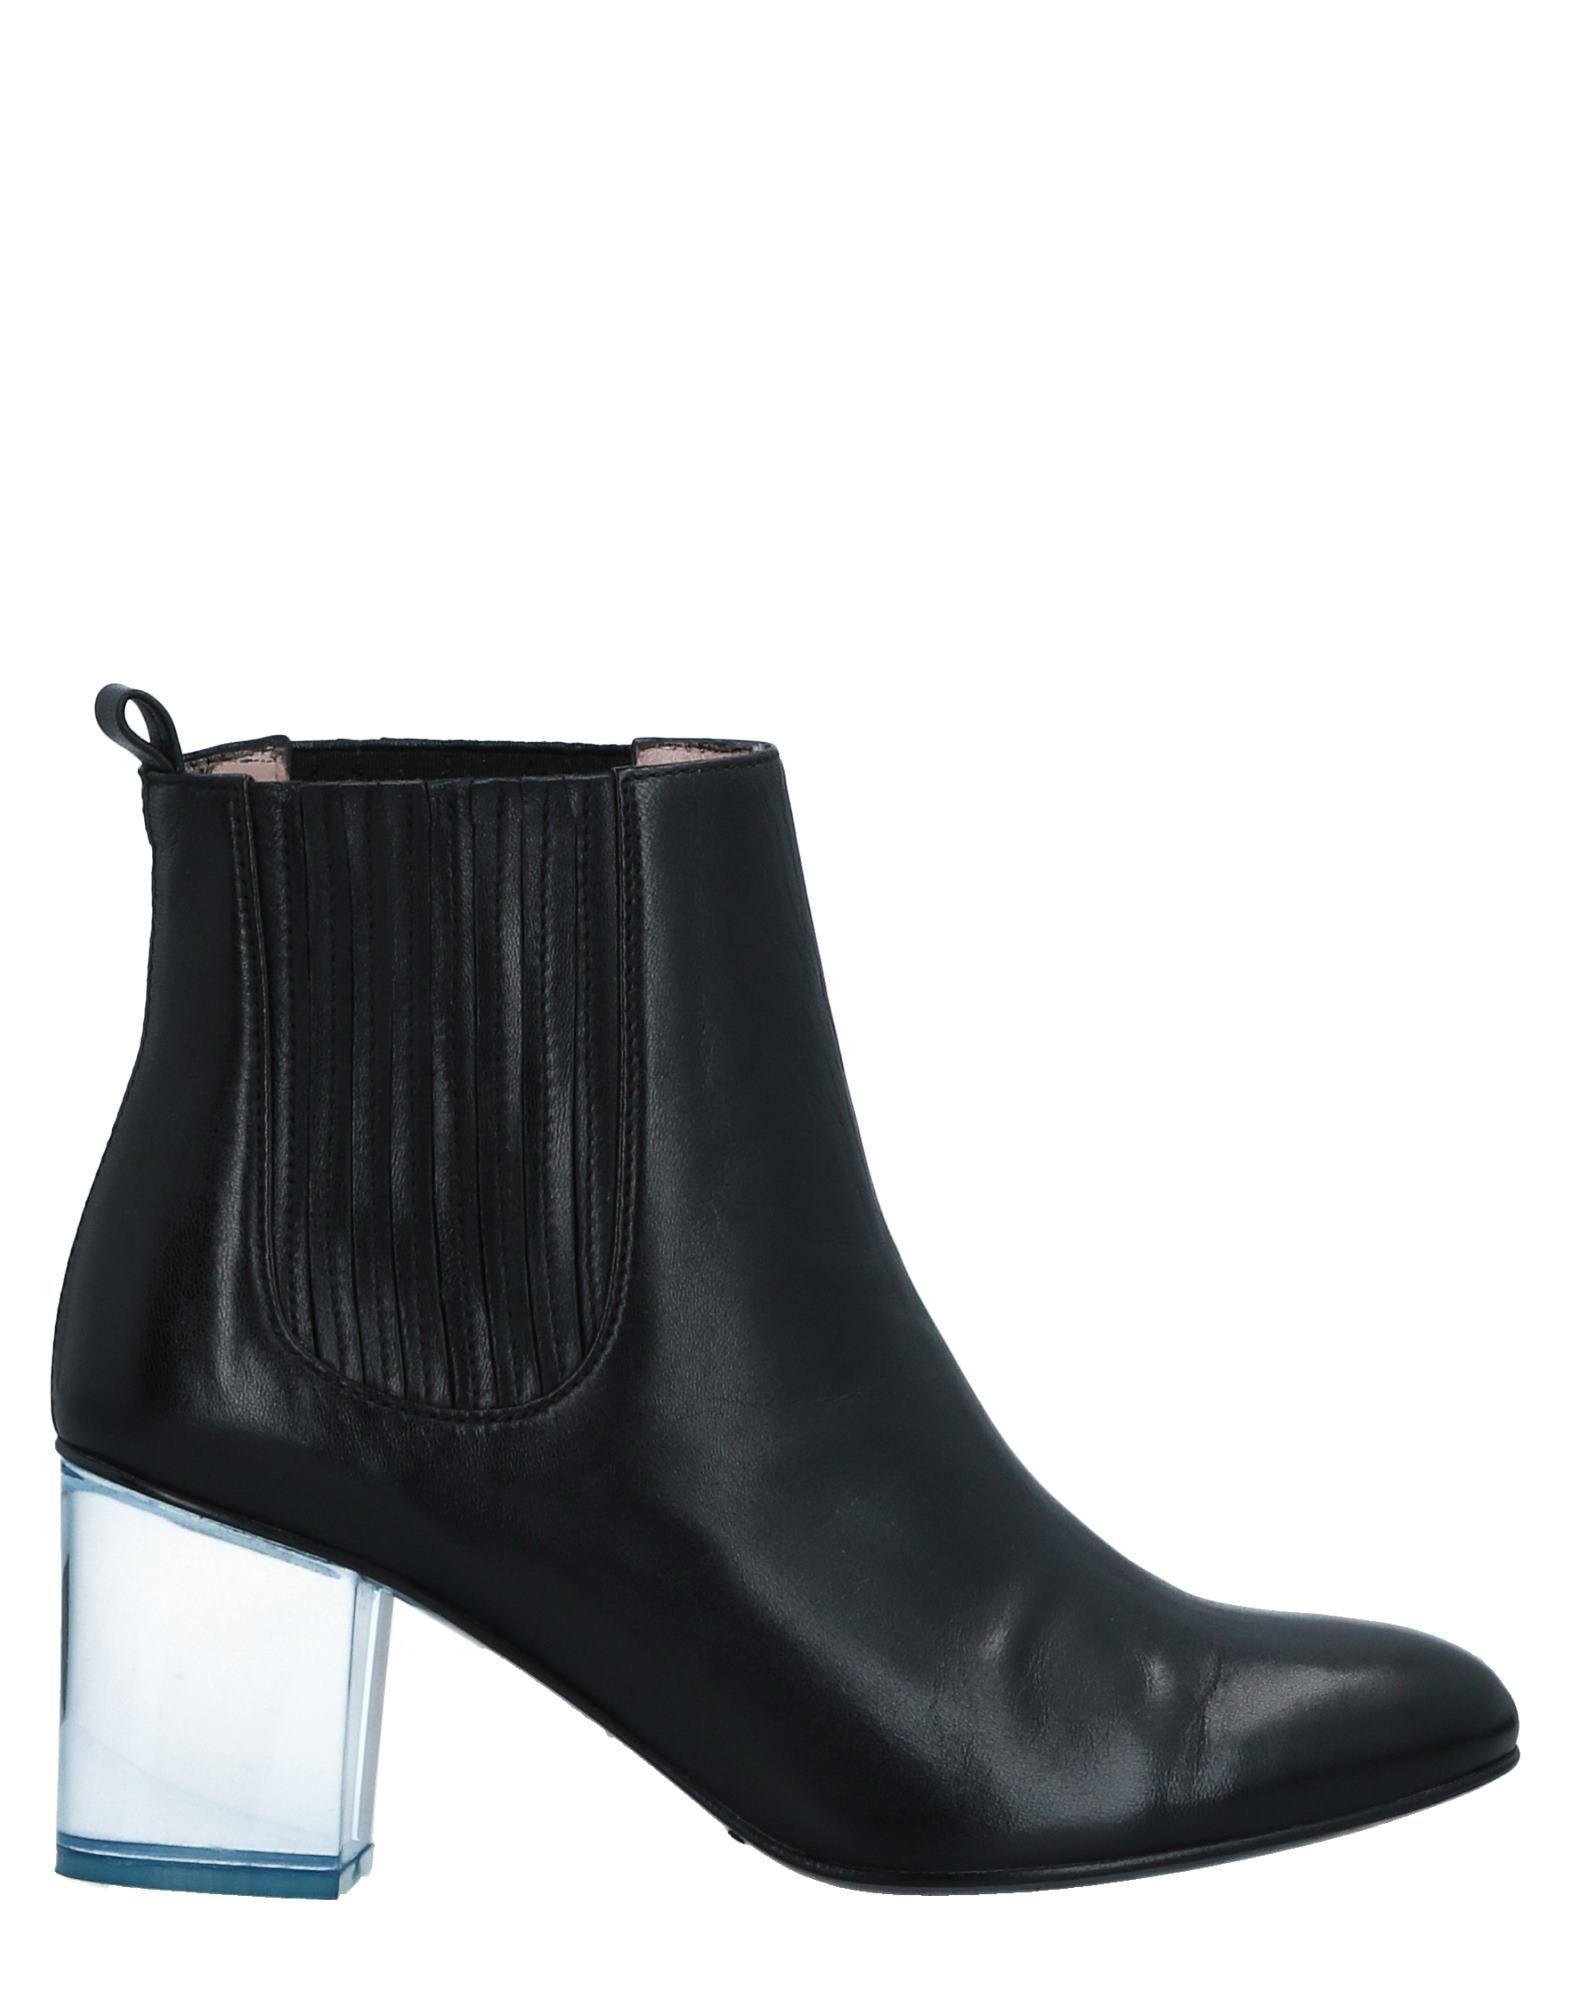 Sneakers Etnies Uomo - 11476477GG Scarpe economiche e buone